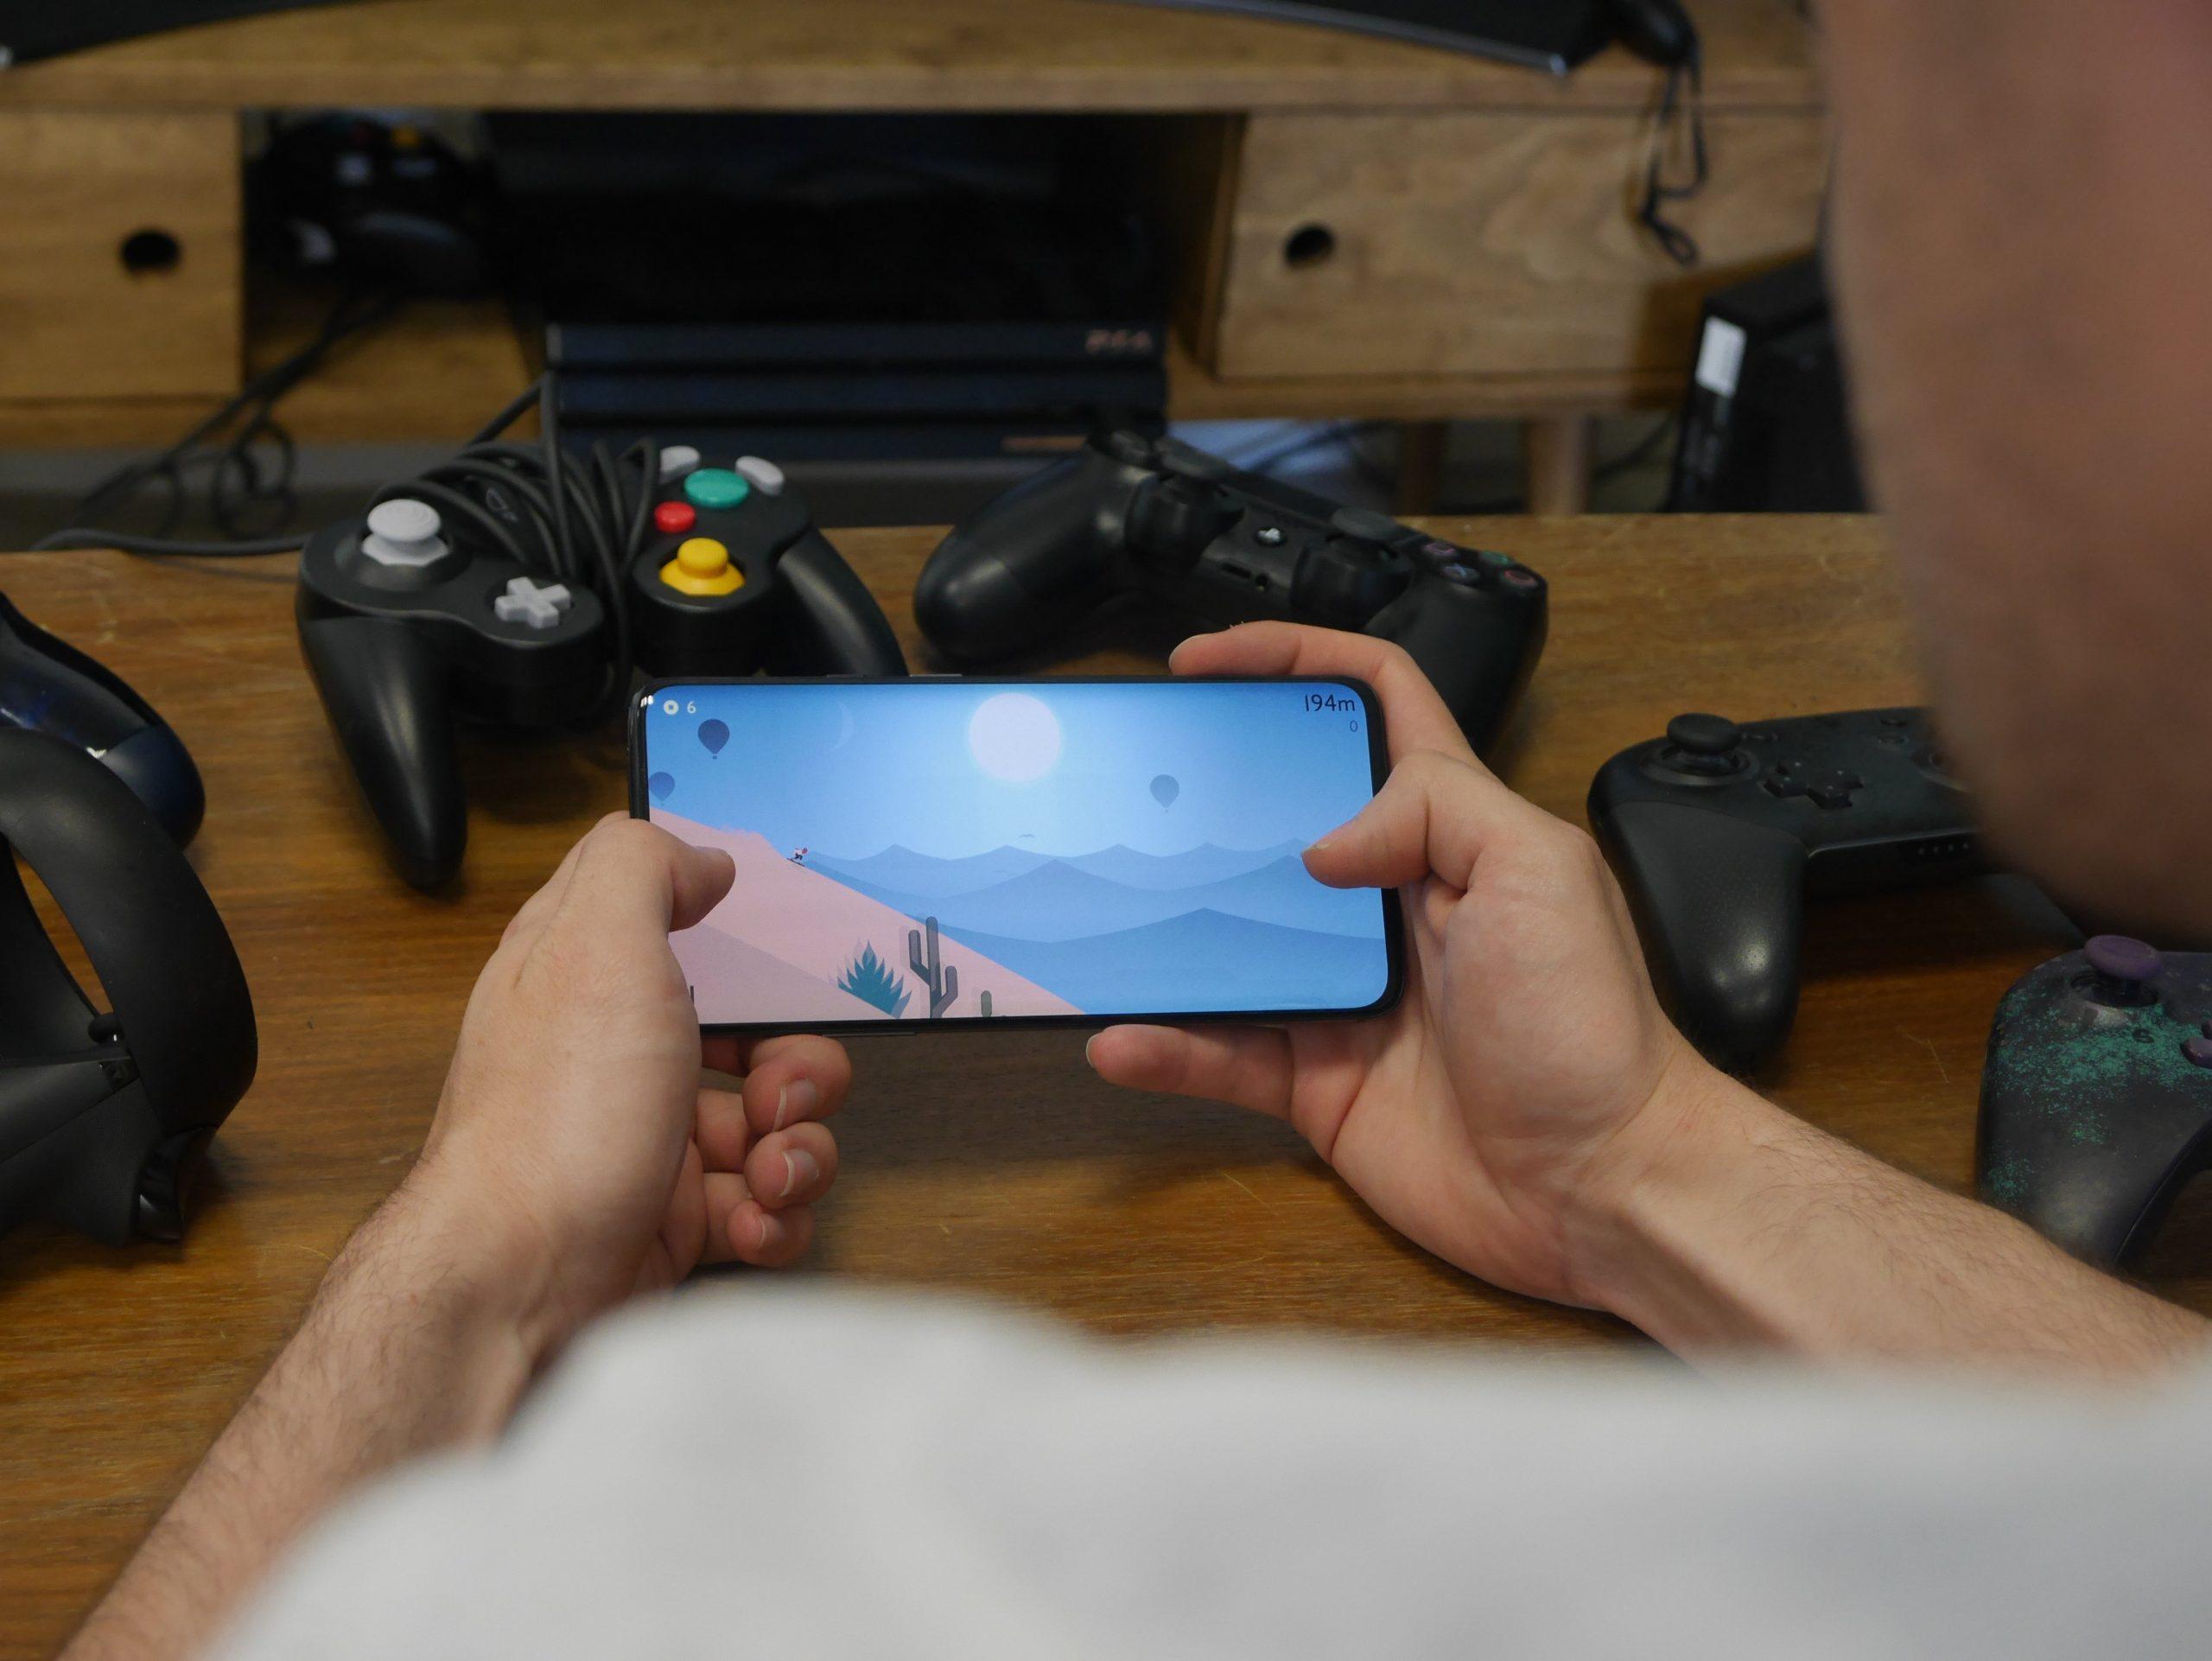 Les Meilleurs Jeux Gratuits Sur Android En 2020 serapportantà Jeux 2 Ans Gratuit